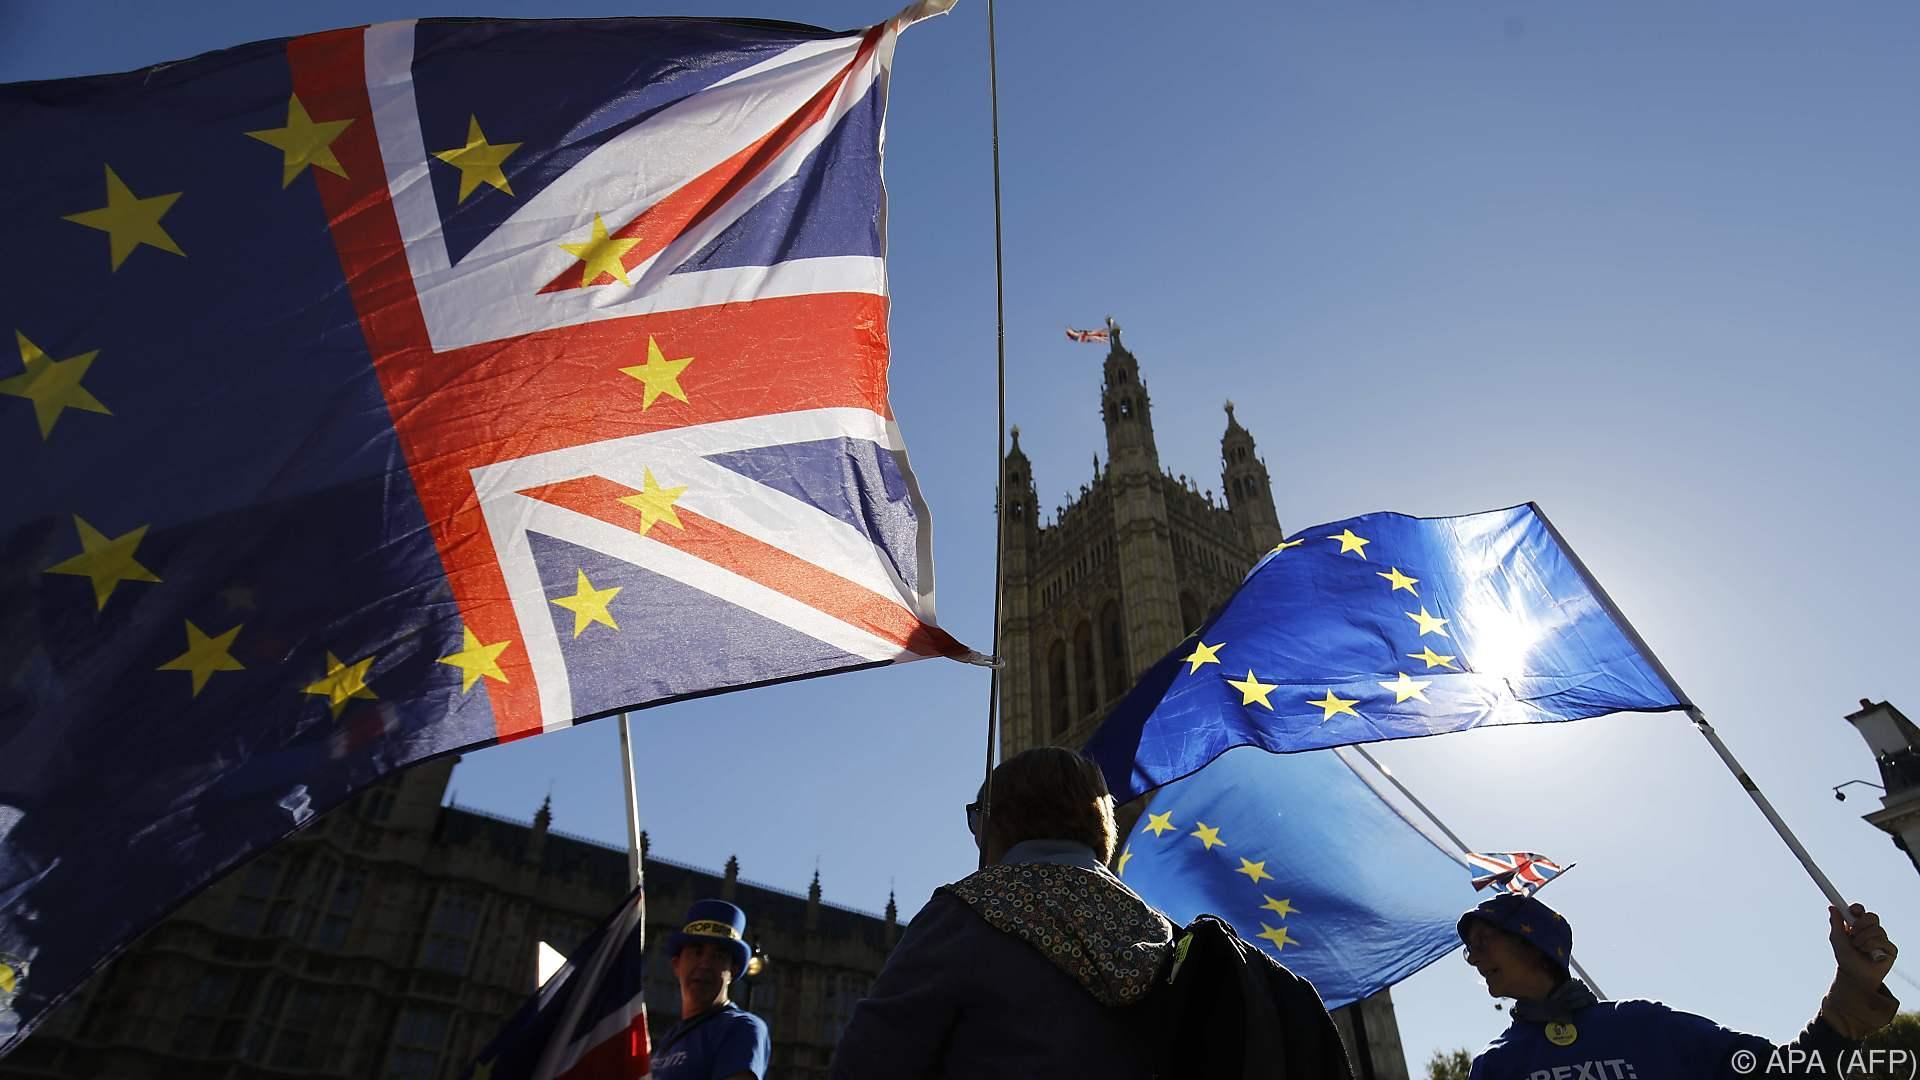 Briten und EU legen Fahrplan für Gespräche über Zukunft vor